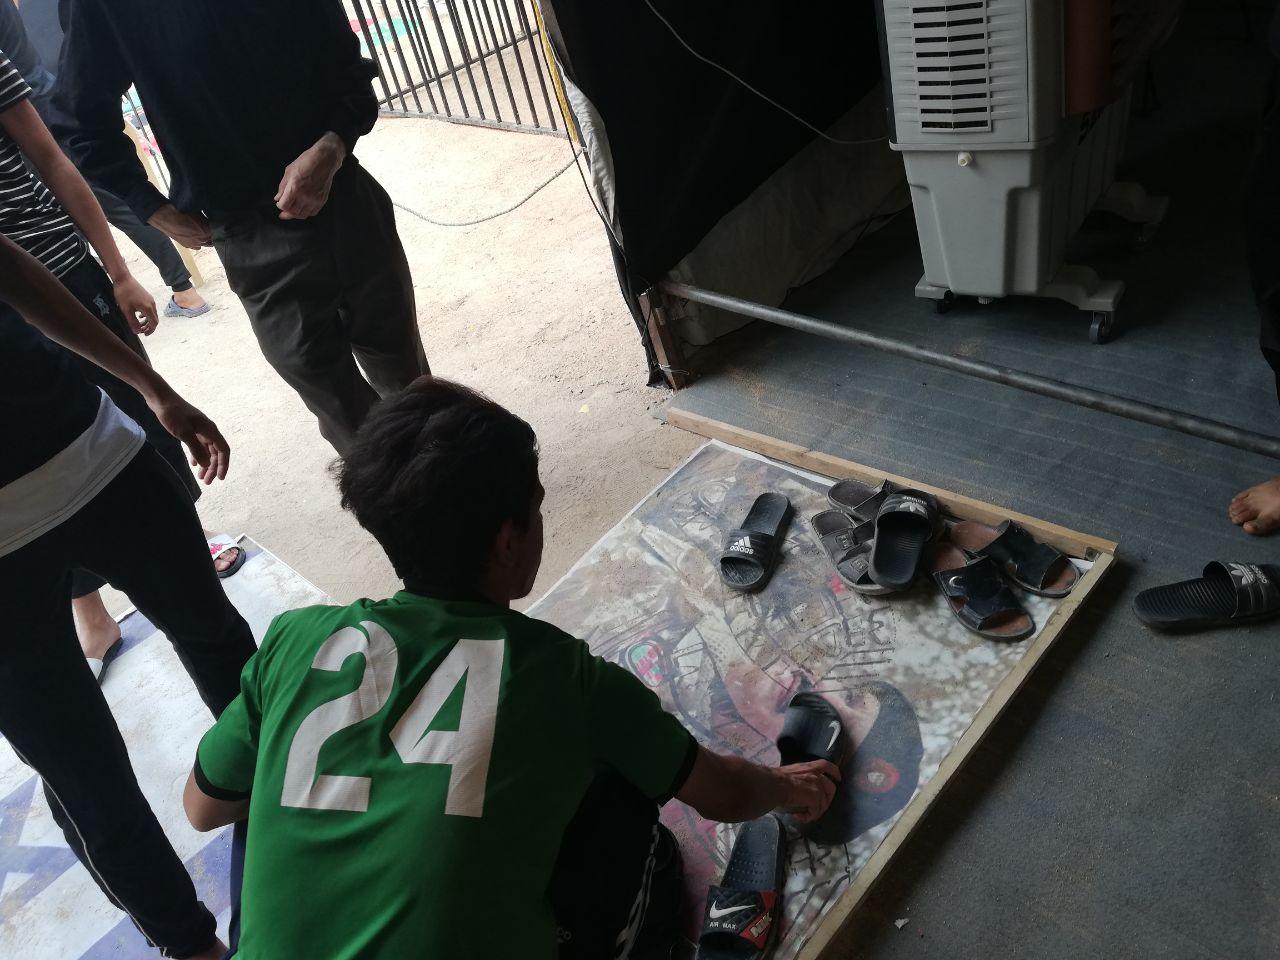 بالصور والفيديو: جبروت يزيد العصر«حمد»تحت أقدام زوّار أربعين الإمام الحسين «ع»